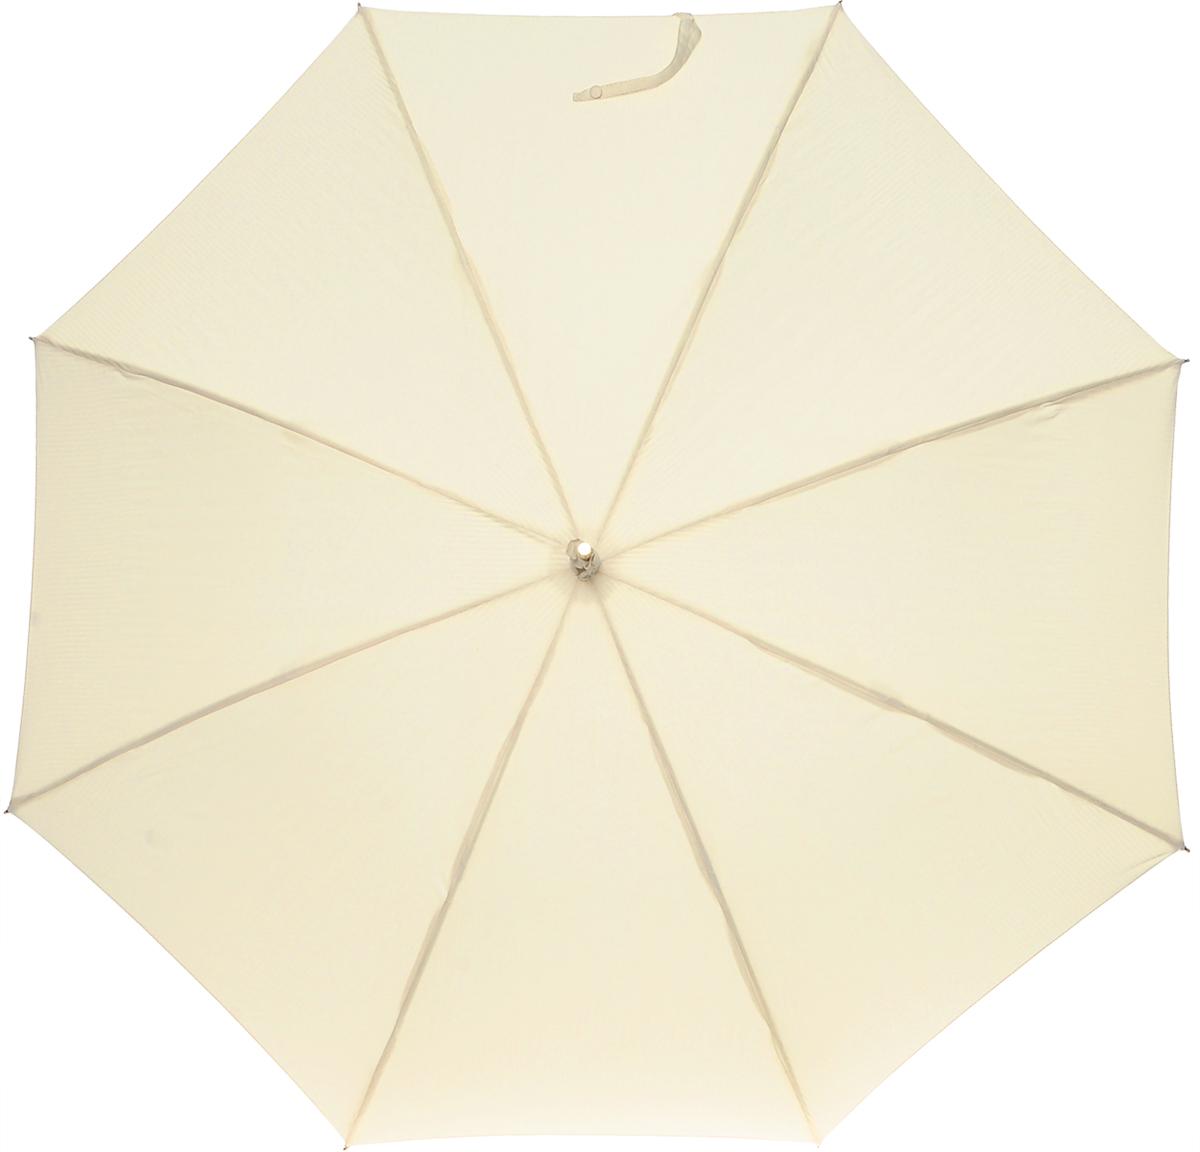 Зонт-трость женский Vogue, цвет: бежевый. 103 V103 VСтильный зонт-трость Vouge даже в ненастную погоду позволит вам оставаться стильной и элегантной. Каркас зонта выполнен из восьми металлических спиц, удобная закругленная рукоятка из искусственной кожи с лаковым покрытием. К ручке крепится съемный шнурок с декоративной кисточкой. Купол зонта выполнен из полиэстера. Зонт механического сложения: купол открывается и закрывается вручную до характерного щелчка